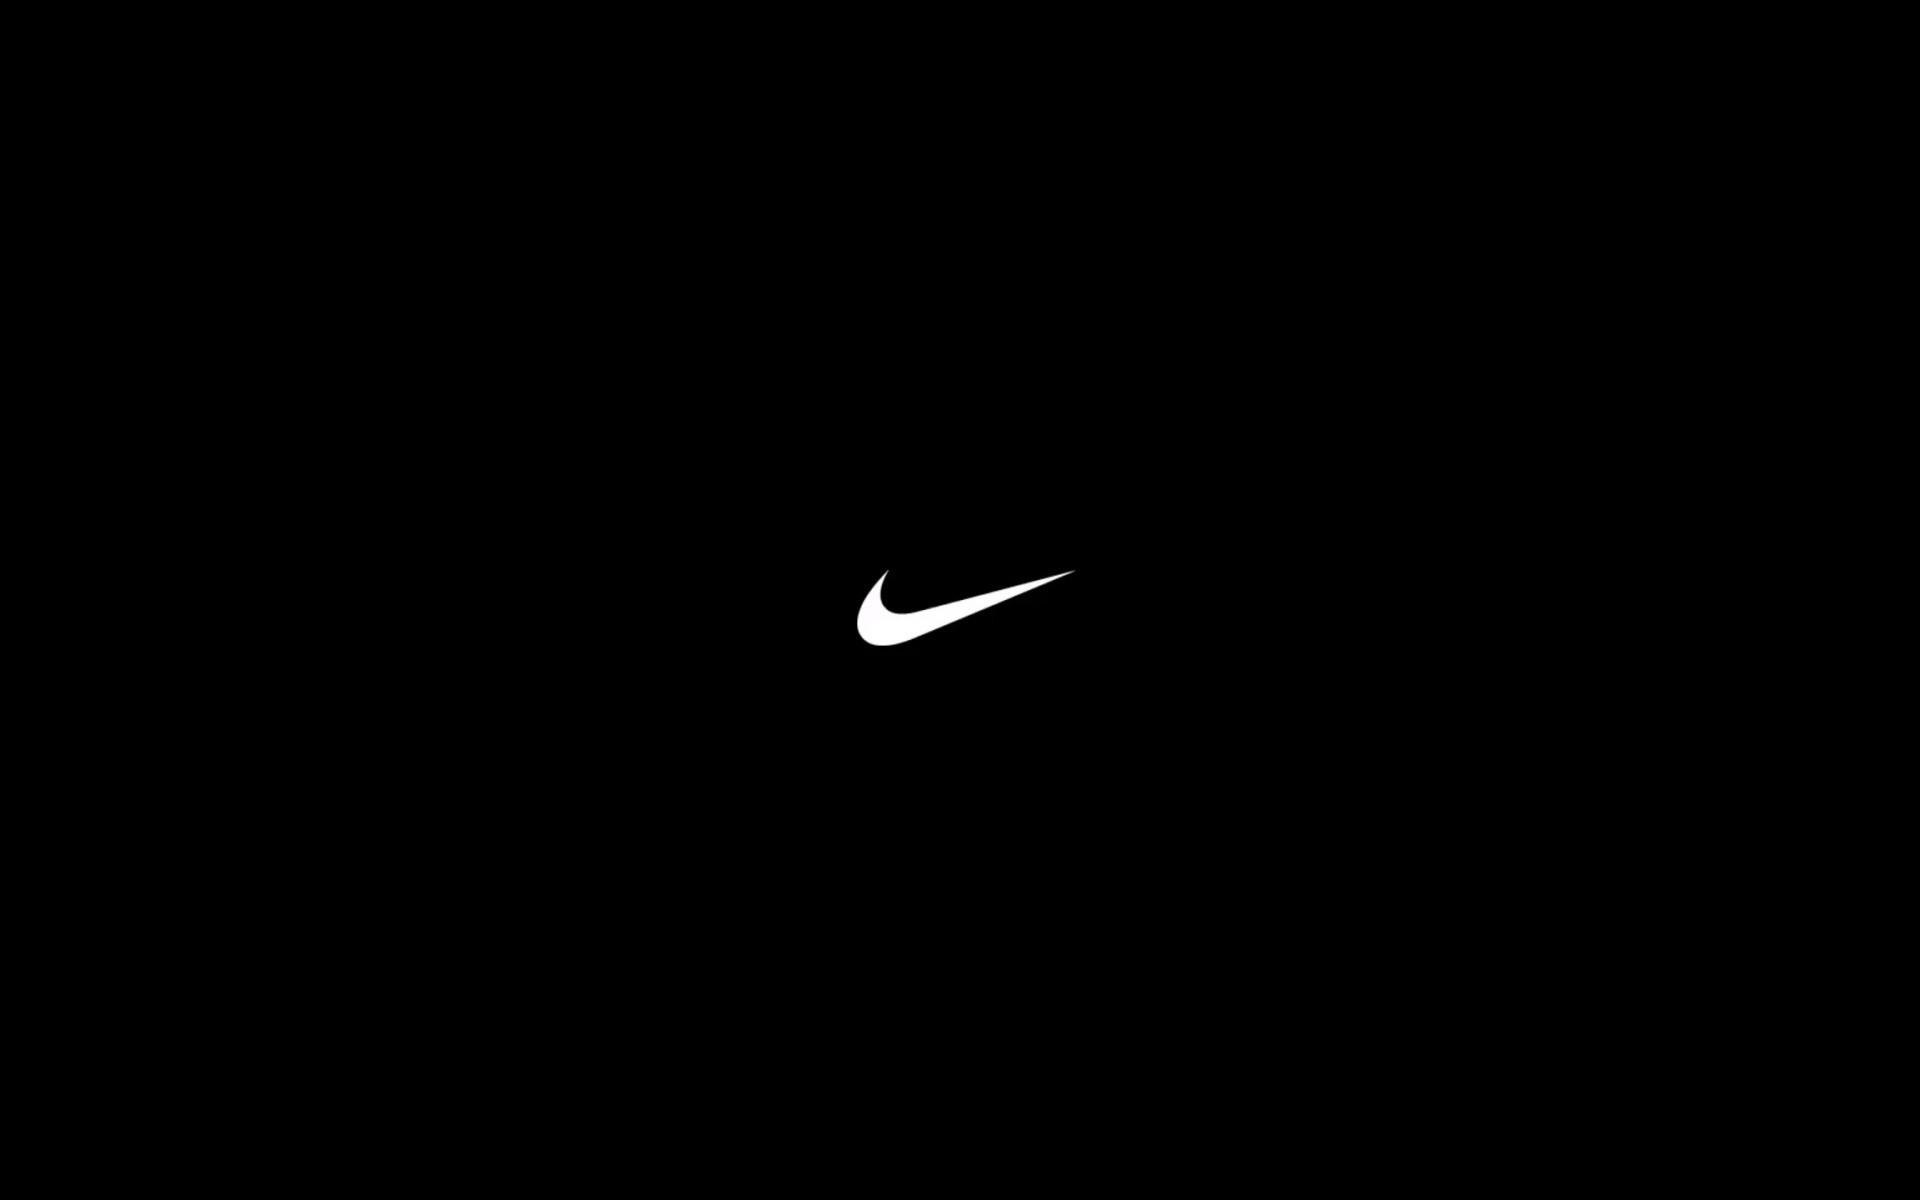 Autonomía Dar a luz Descubrimiento  Black Nike Wallpaper ·① WallpaperTag